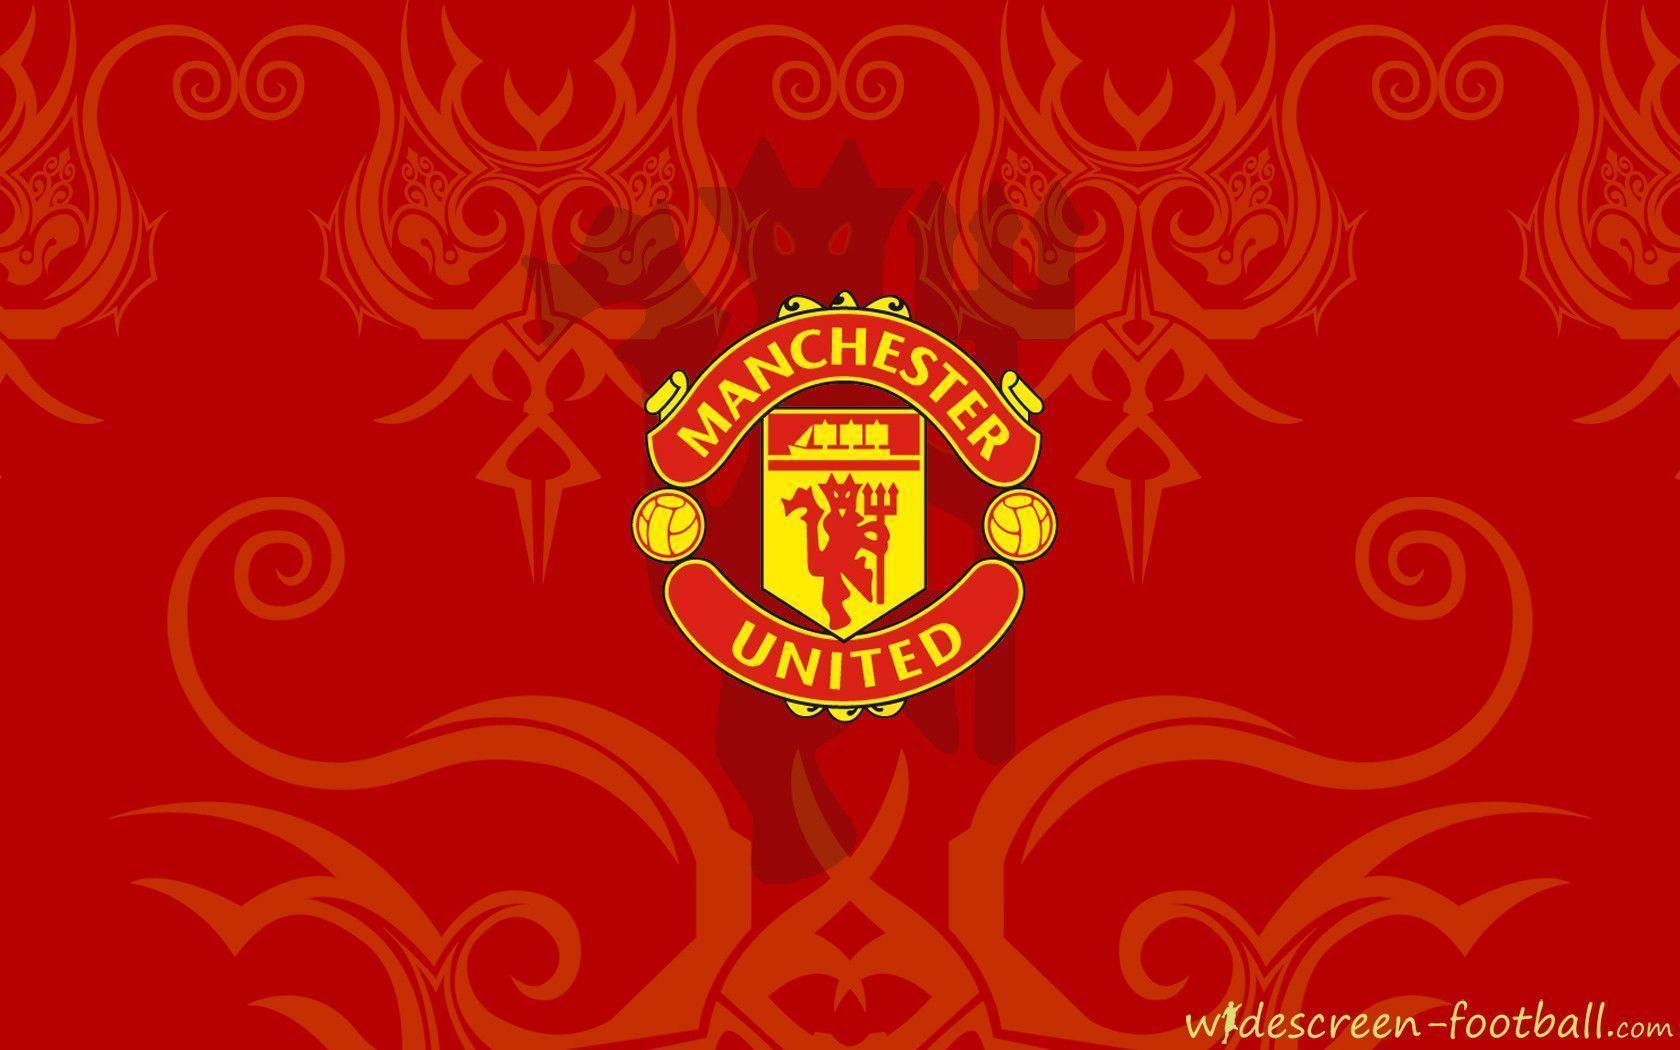 Manchester-United-Wallpaper-4.jpg